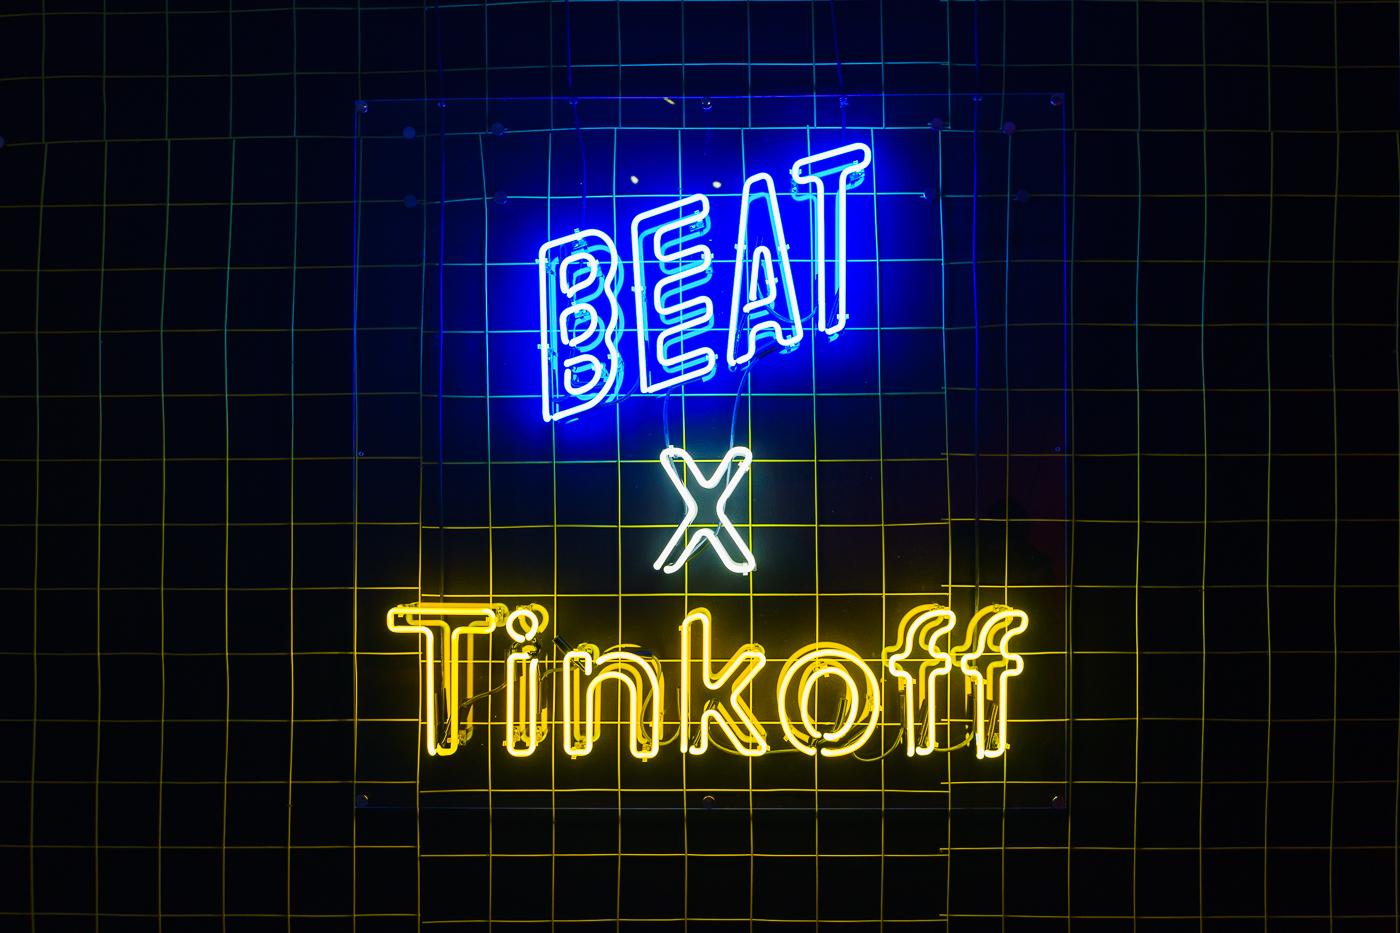 BEAT x Tinkoff – выставка современного VR искусства в МАМ